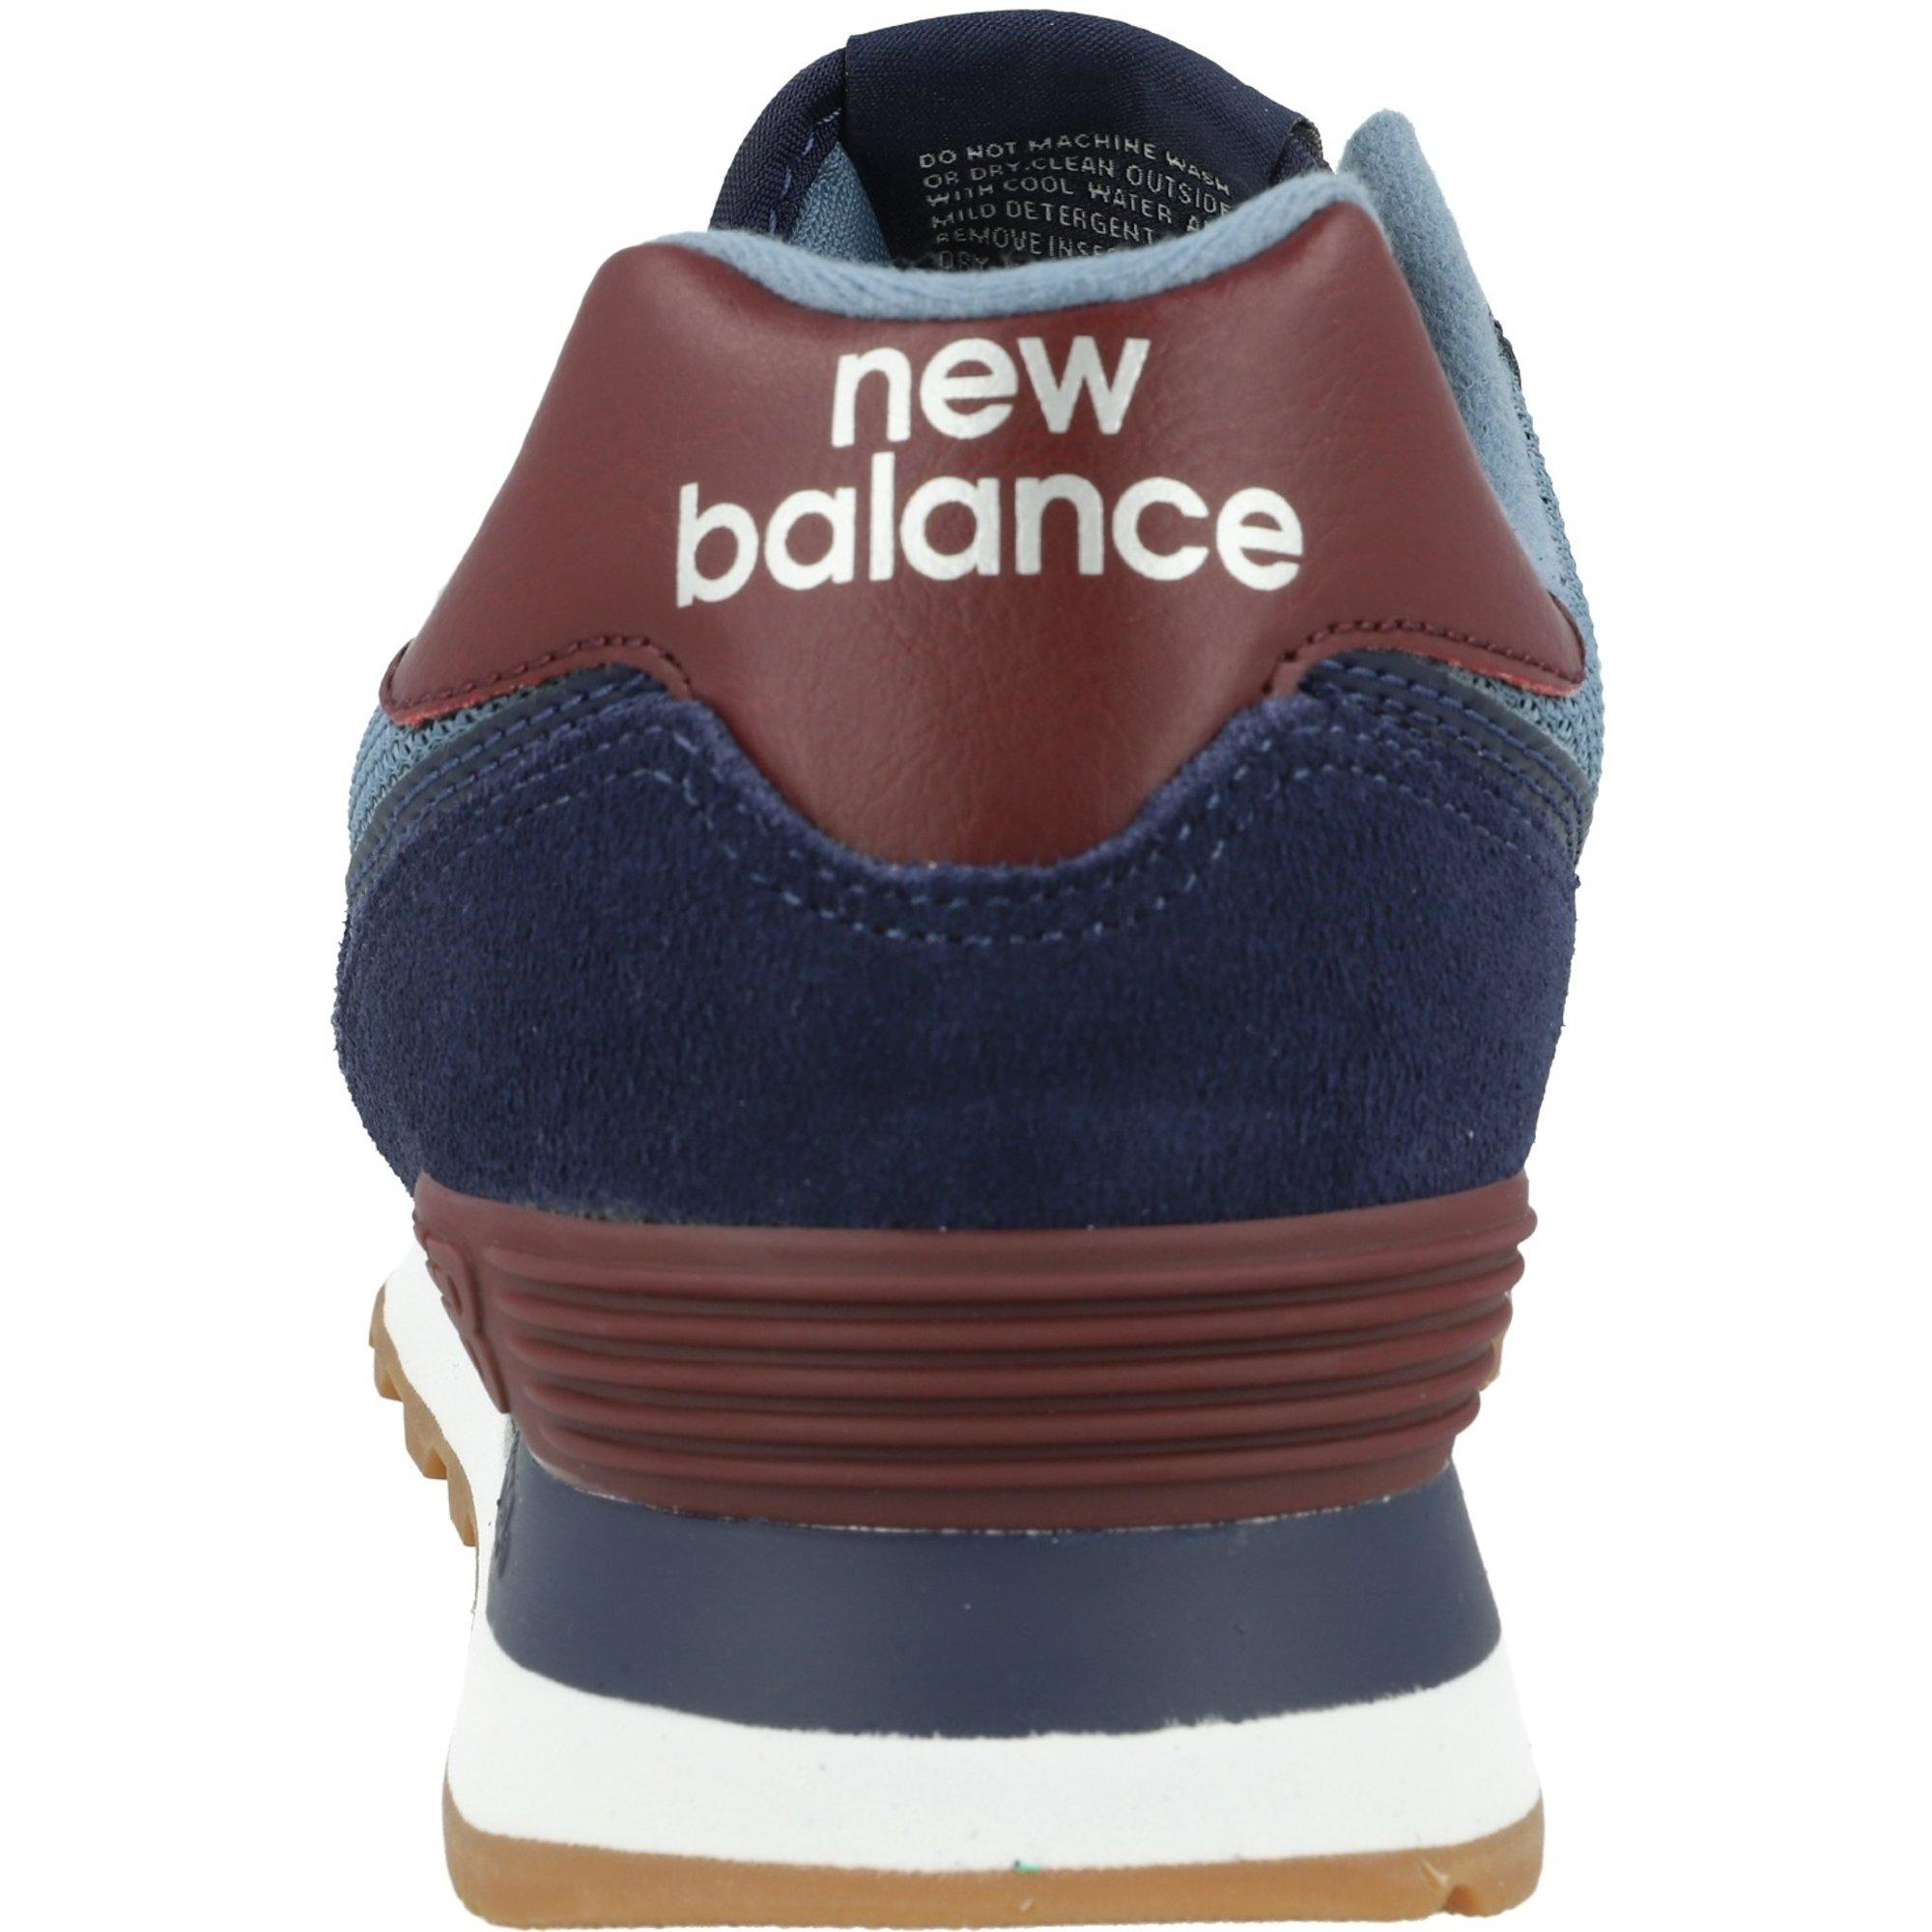 new balance 574 donna burgundy